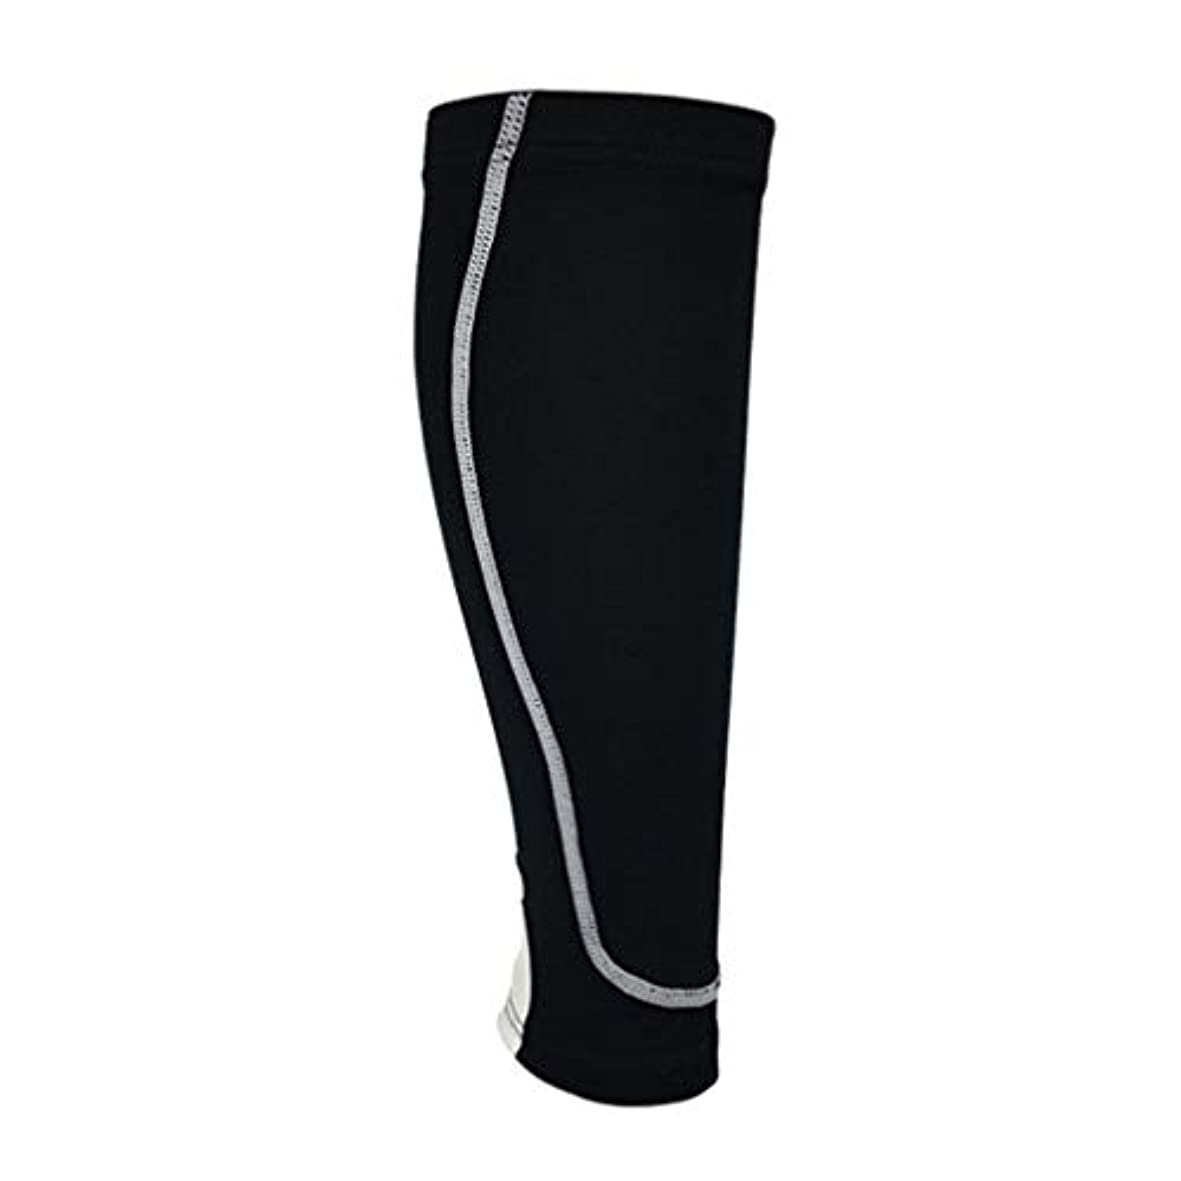 ゲストぼろ移住する伸縮性がある足はスポーツのための足の袖の換気の圧縮の足のパッドを暖めます-Rustle666